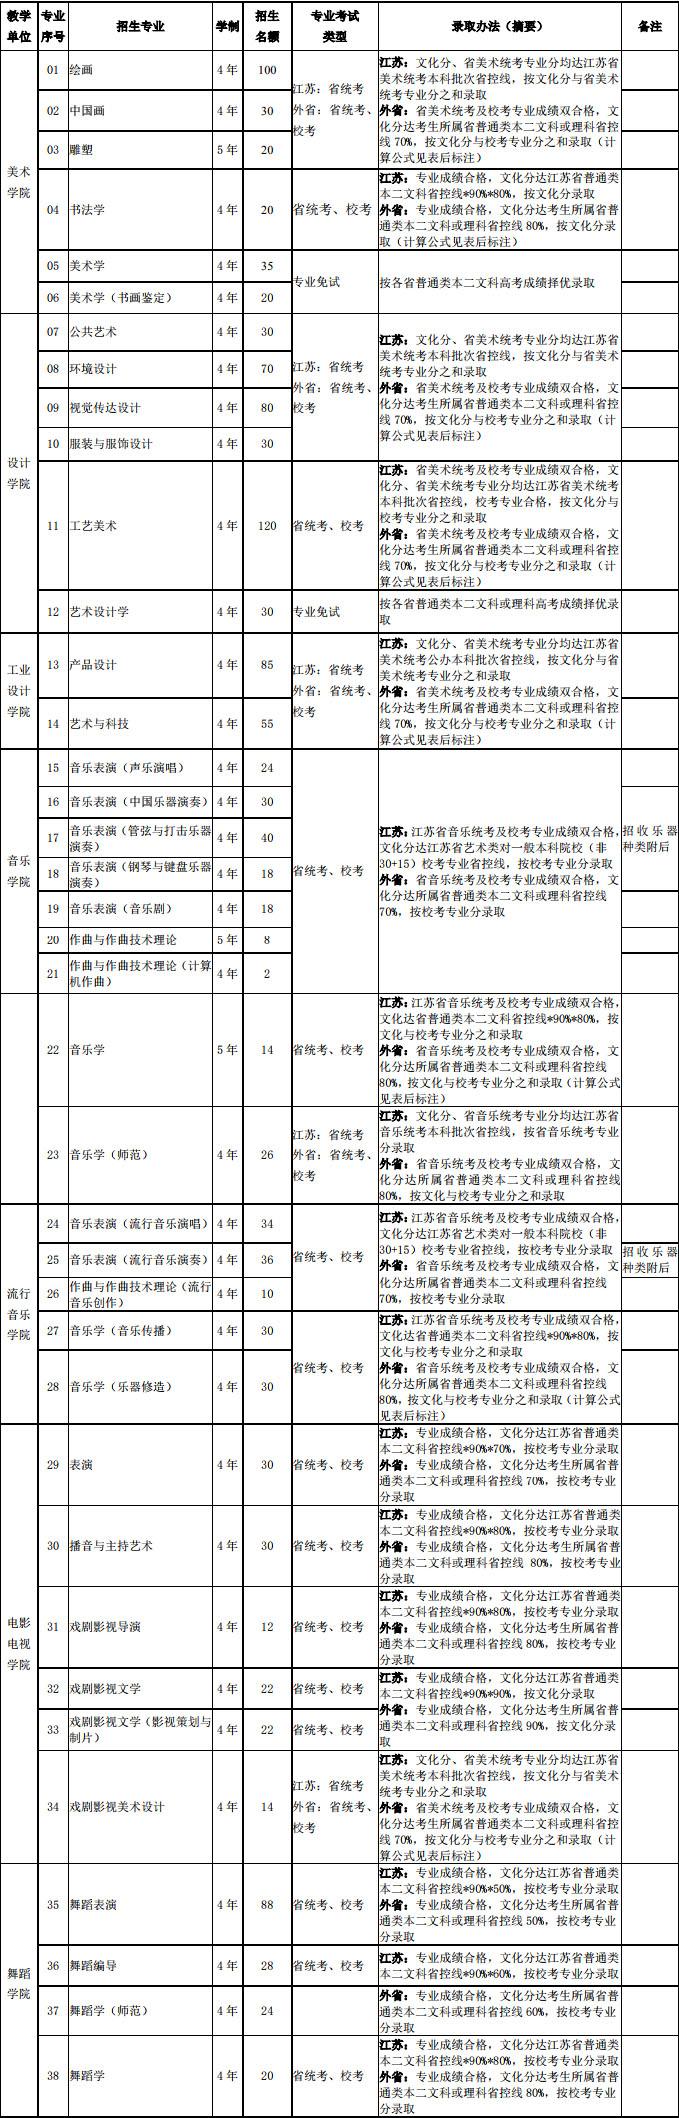 南京艺术学院2019年本科招生简章